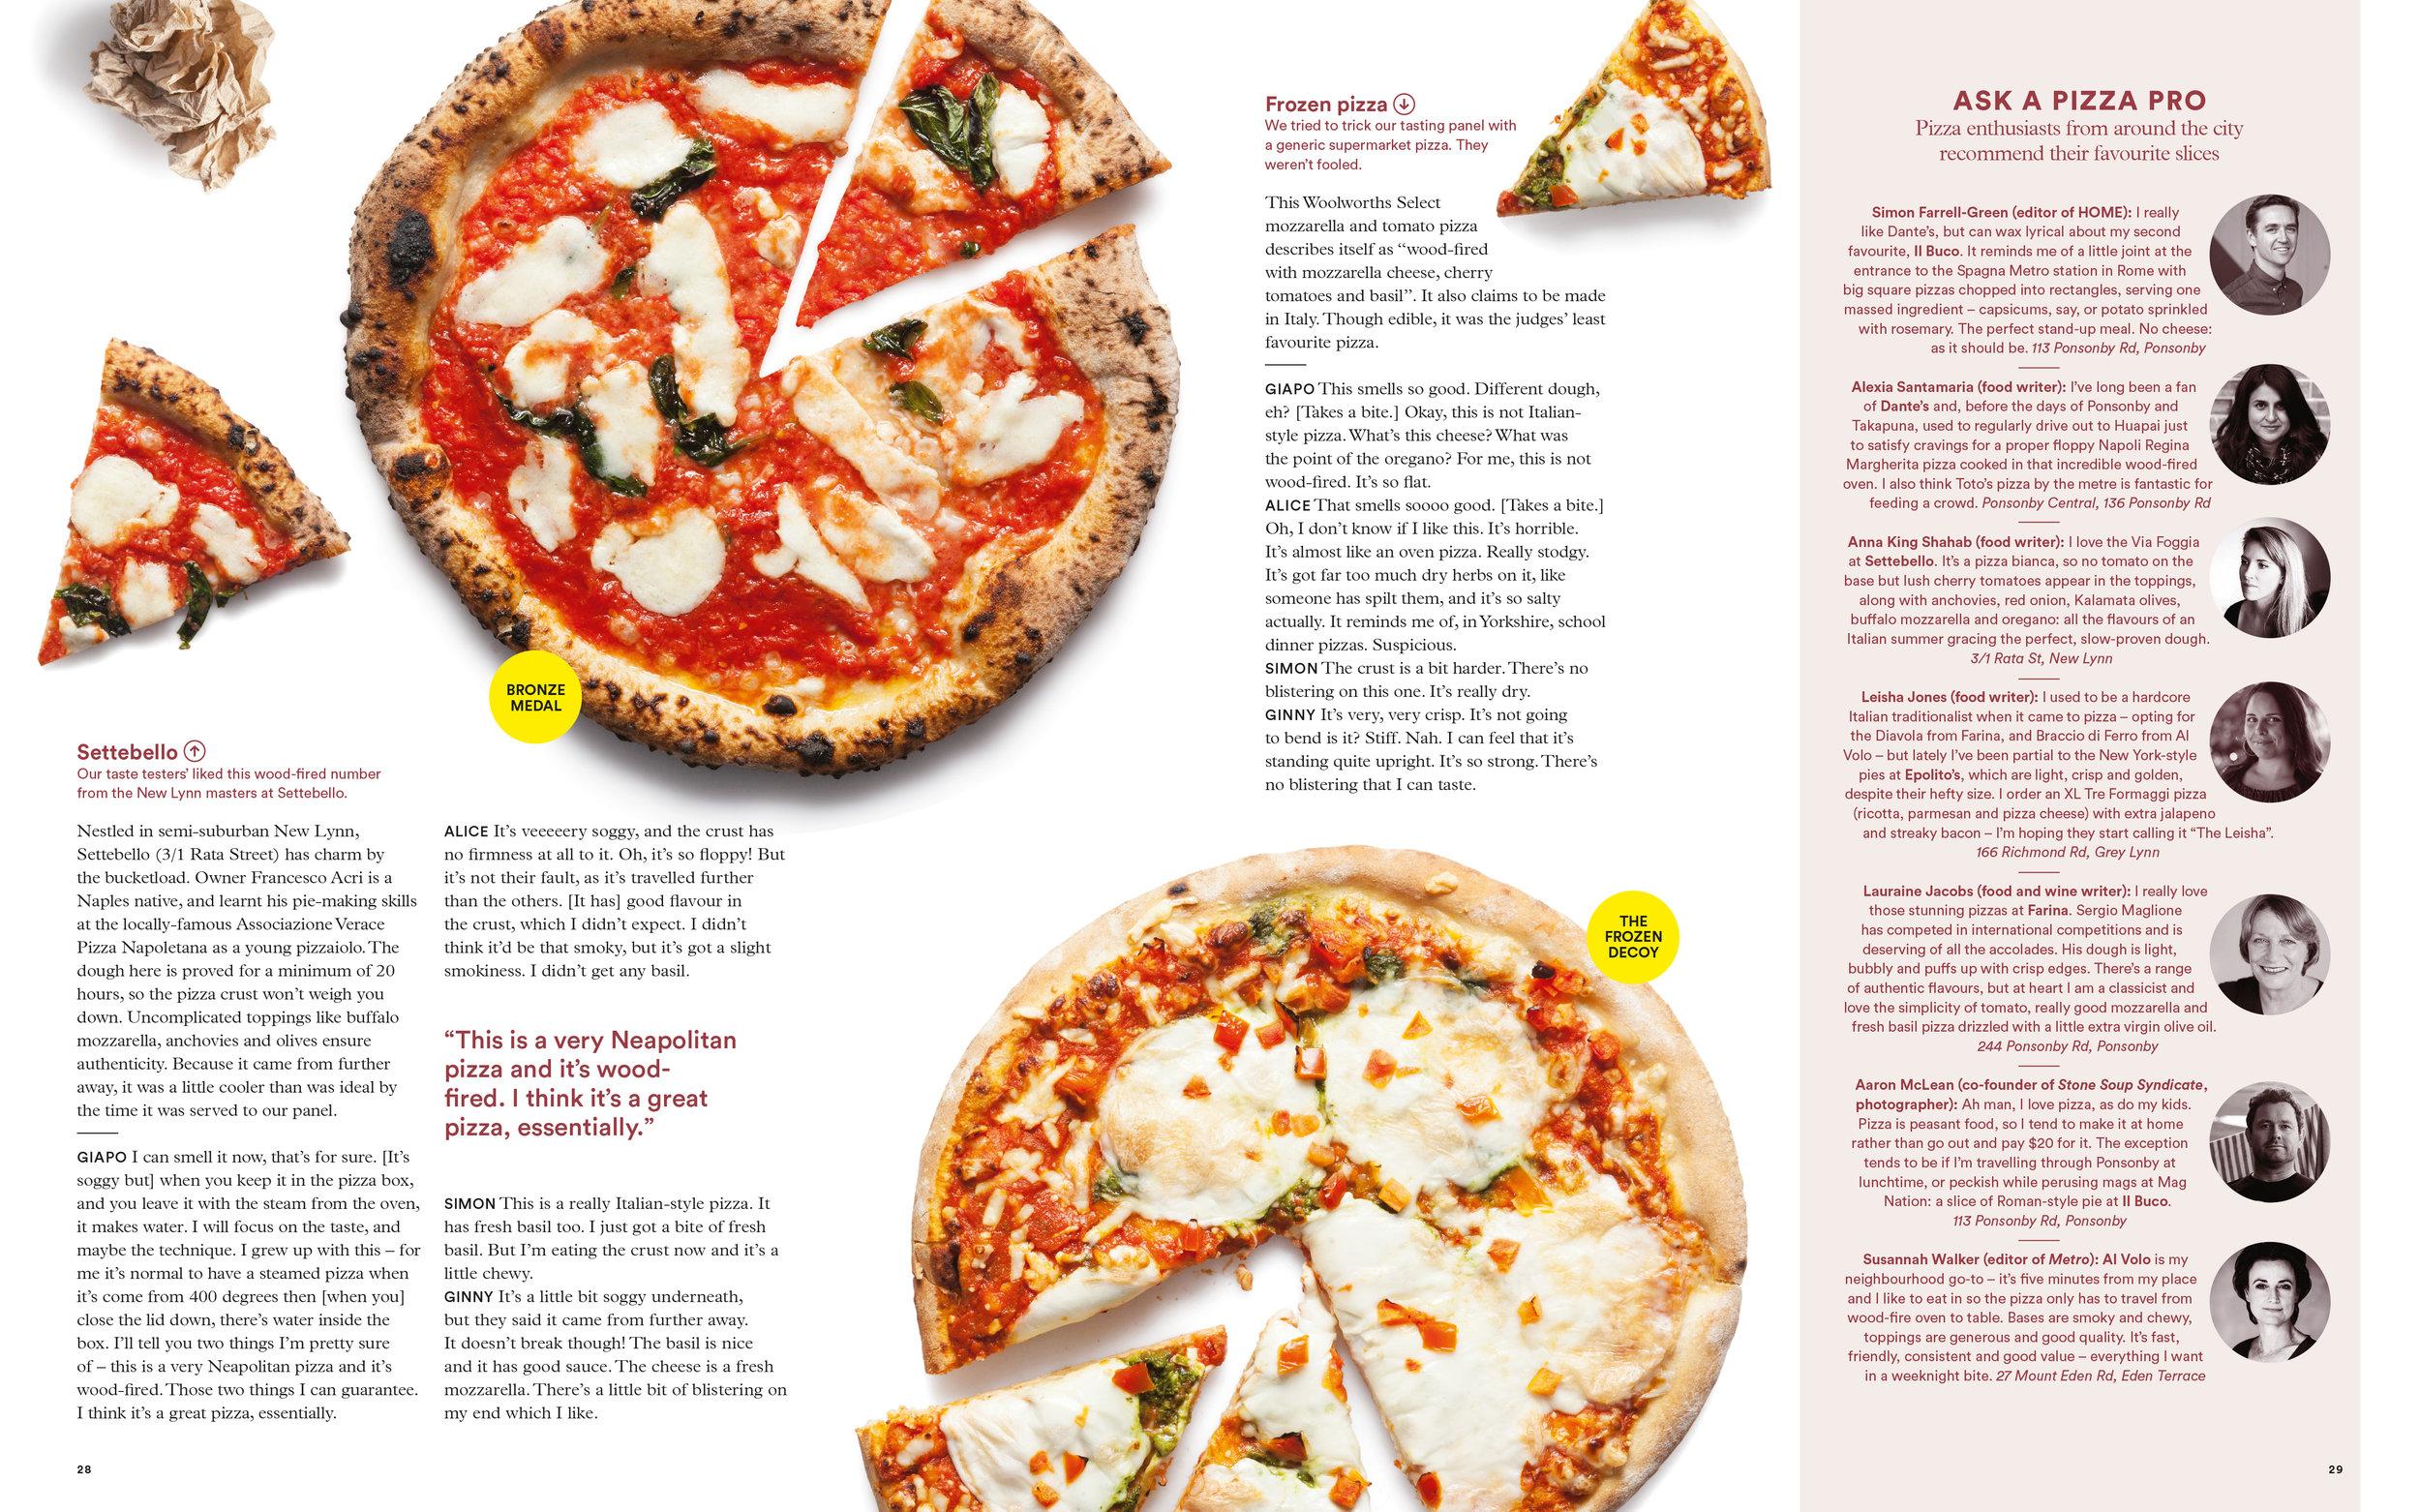 PB3817_Food_pizza4.jpg